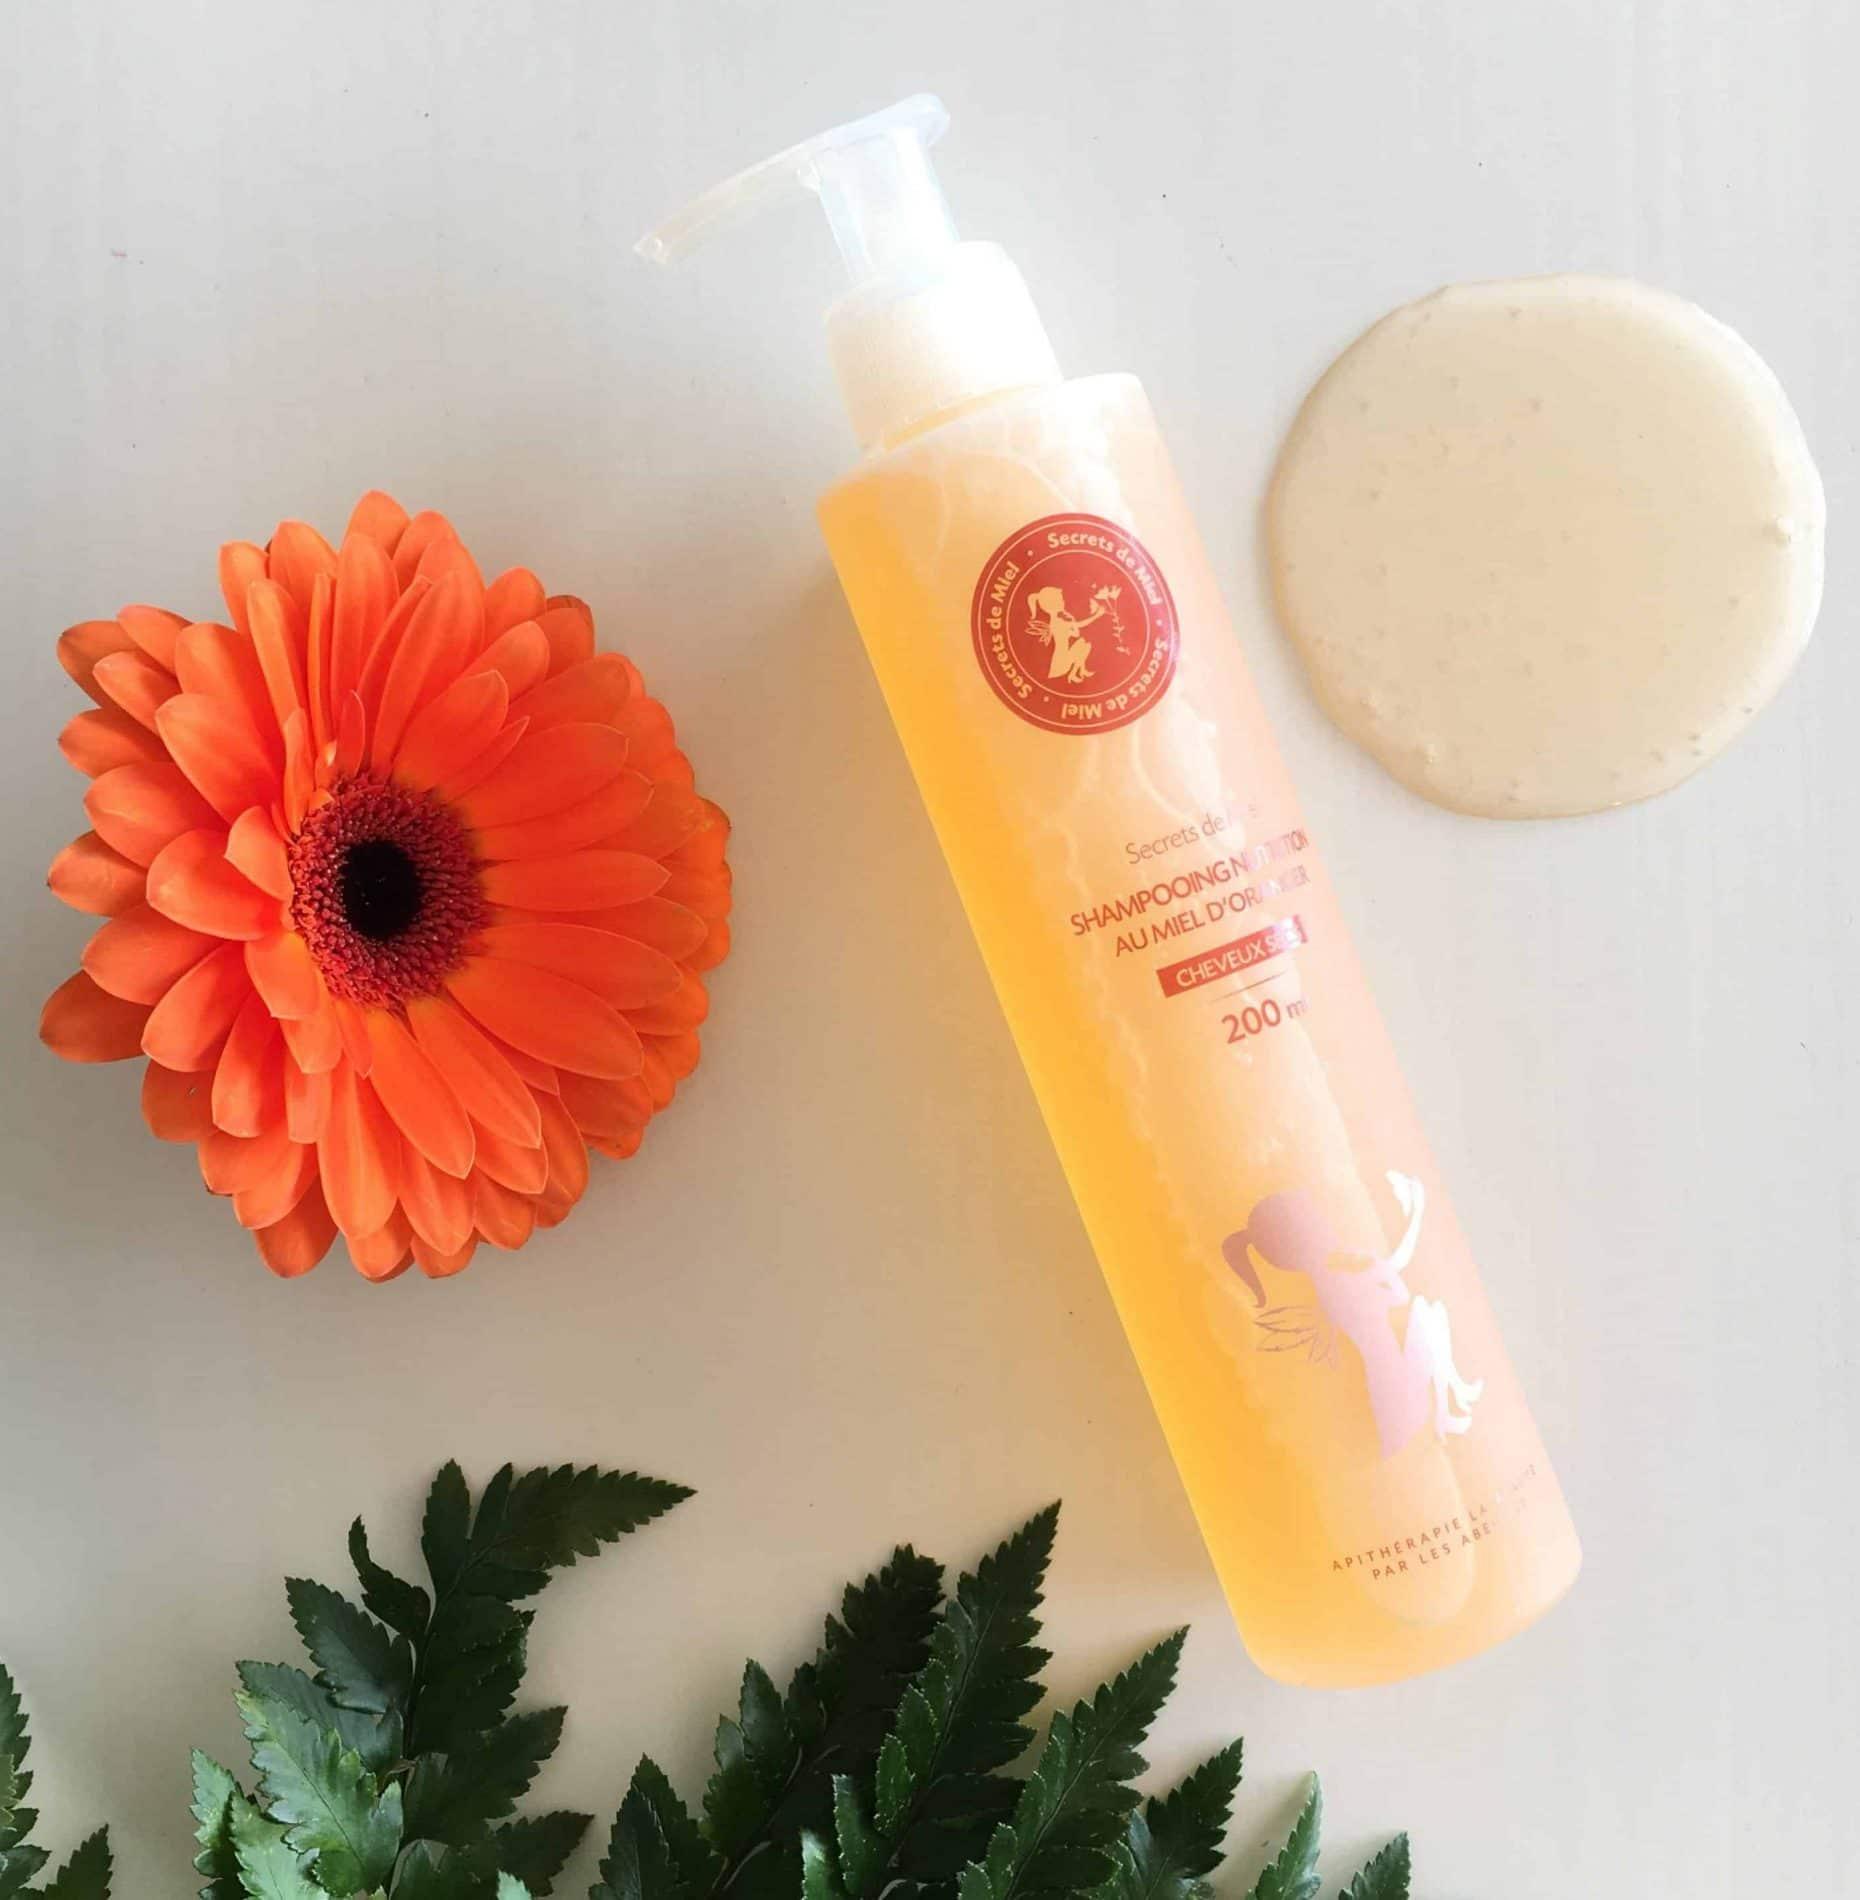 Shampooing au Miel d'oranger - Secrets de Miel - shampooings naturels - apithérapie